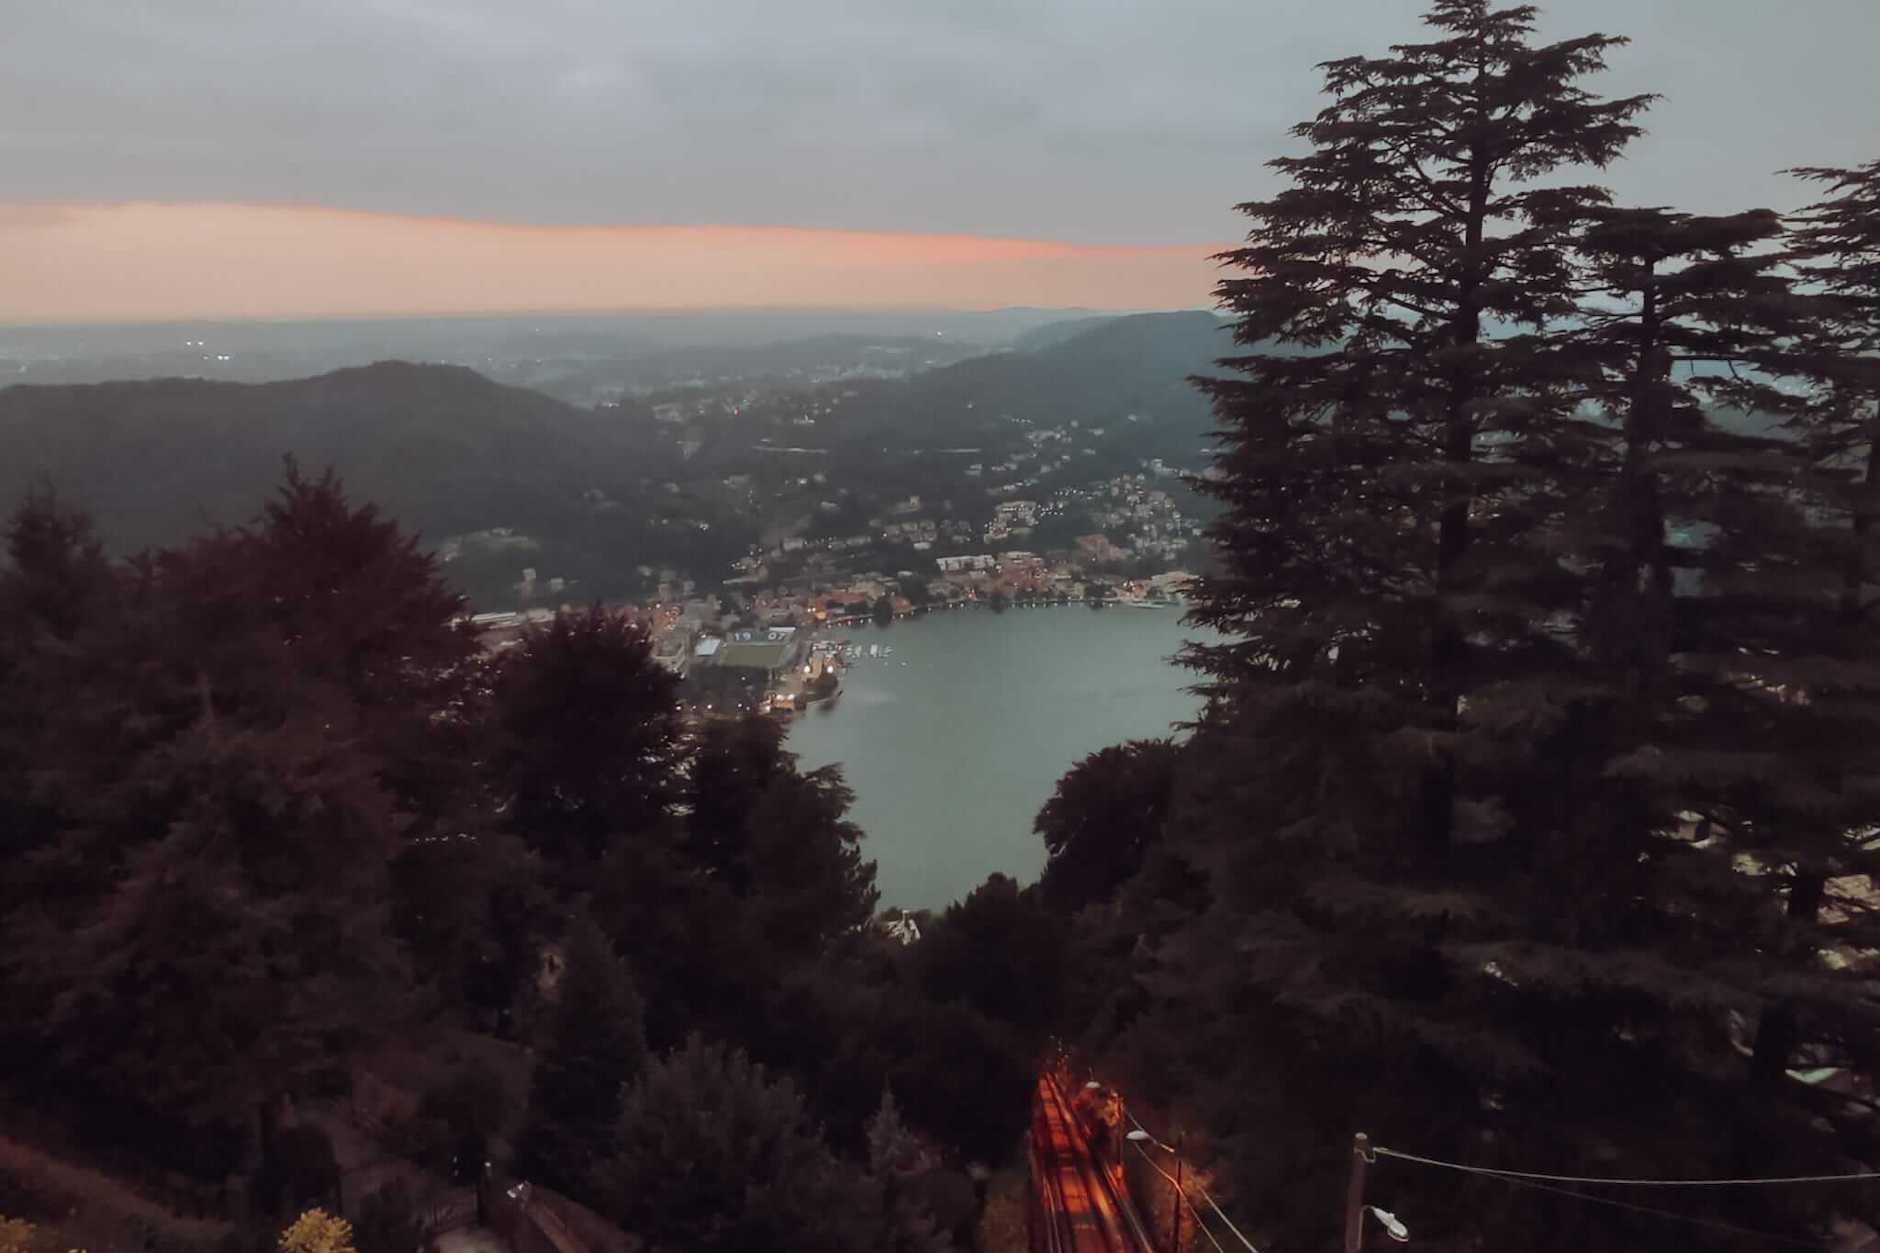 vista sobre o Lago de Como em Brunate